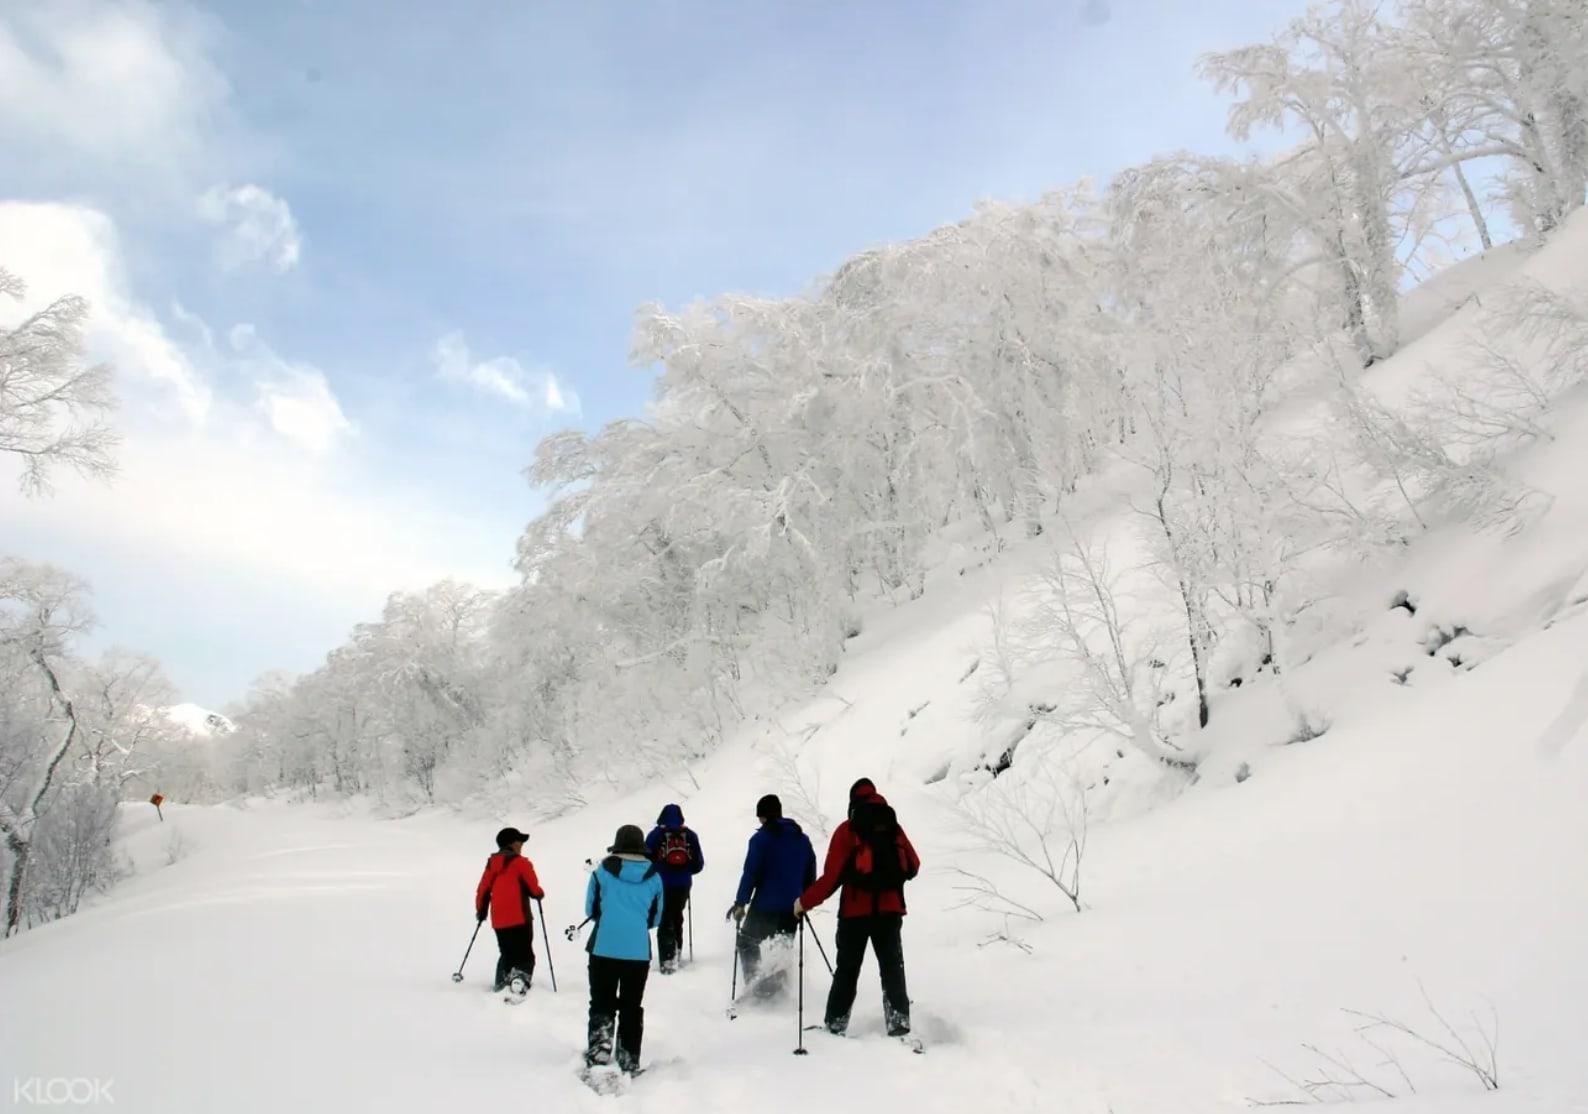 ทริป snow master ในเมือง noboribetsu